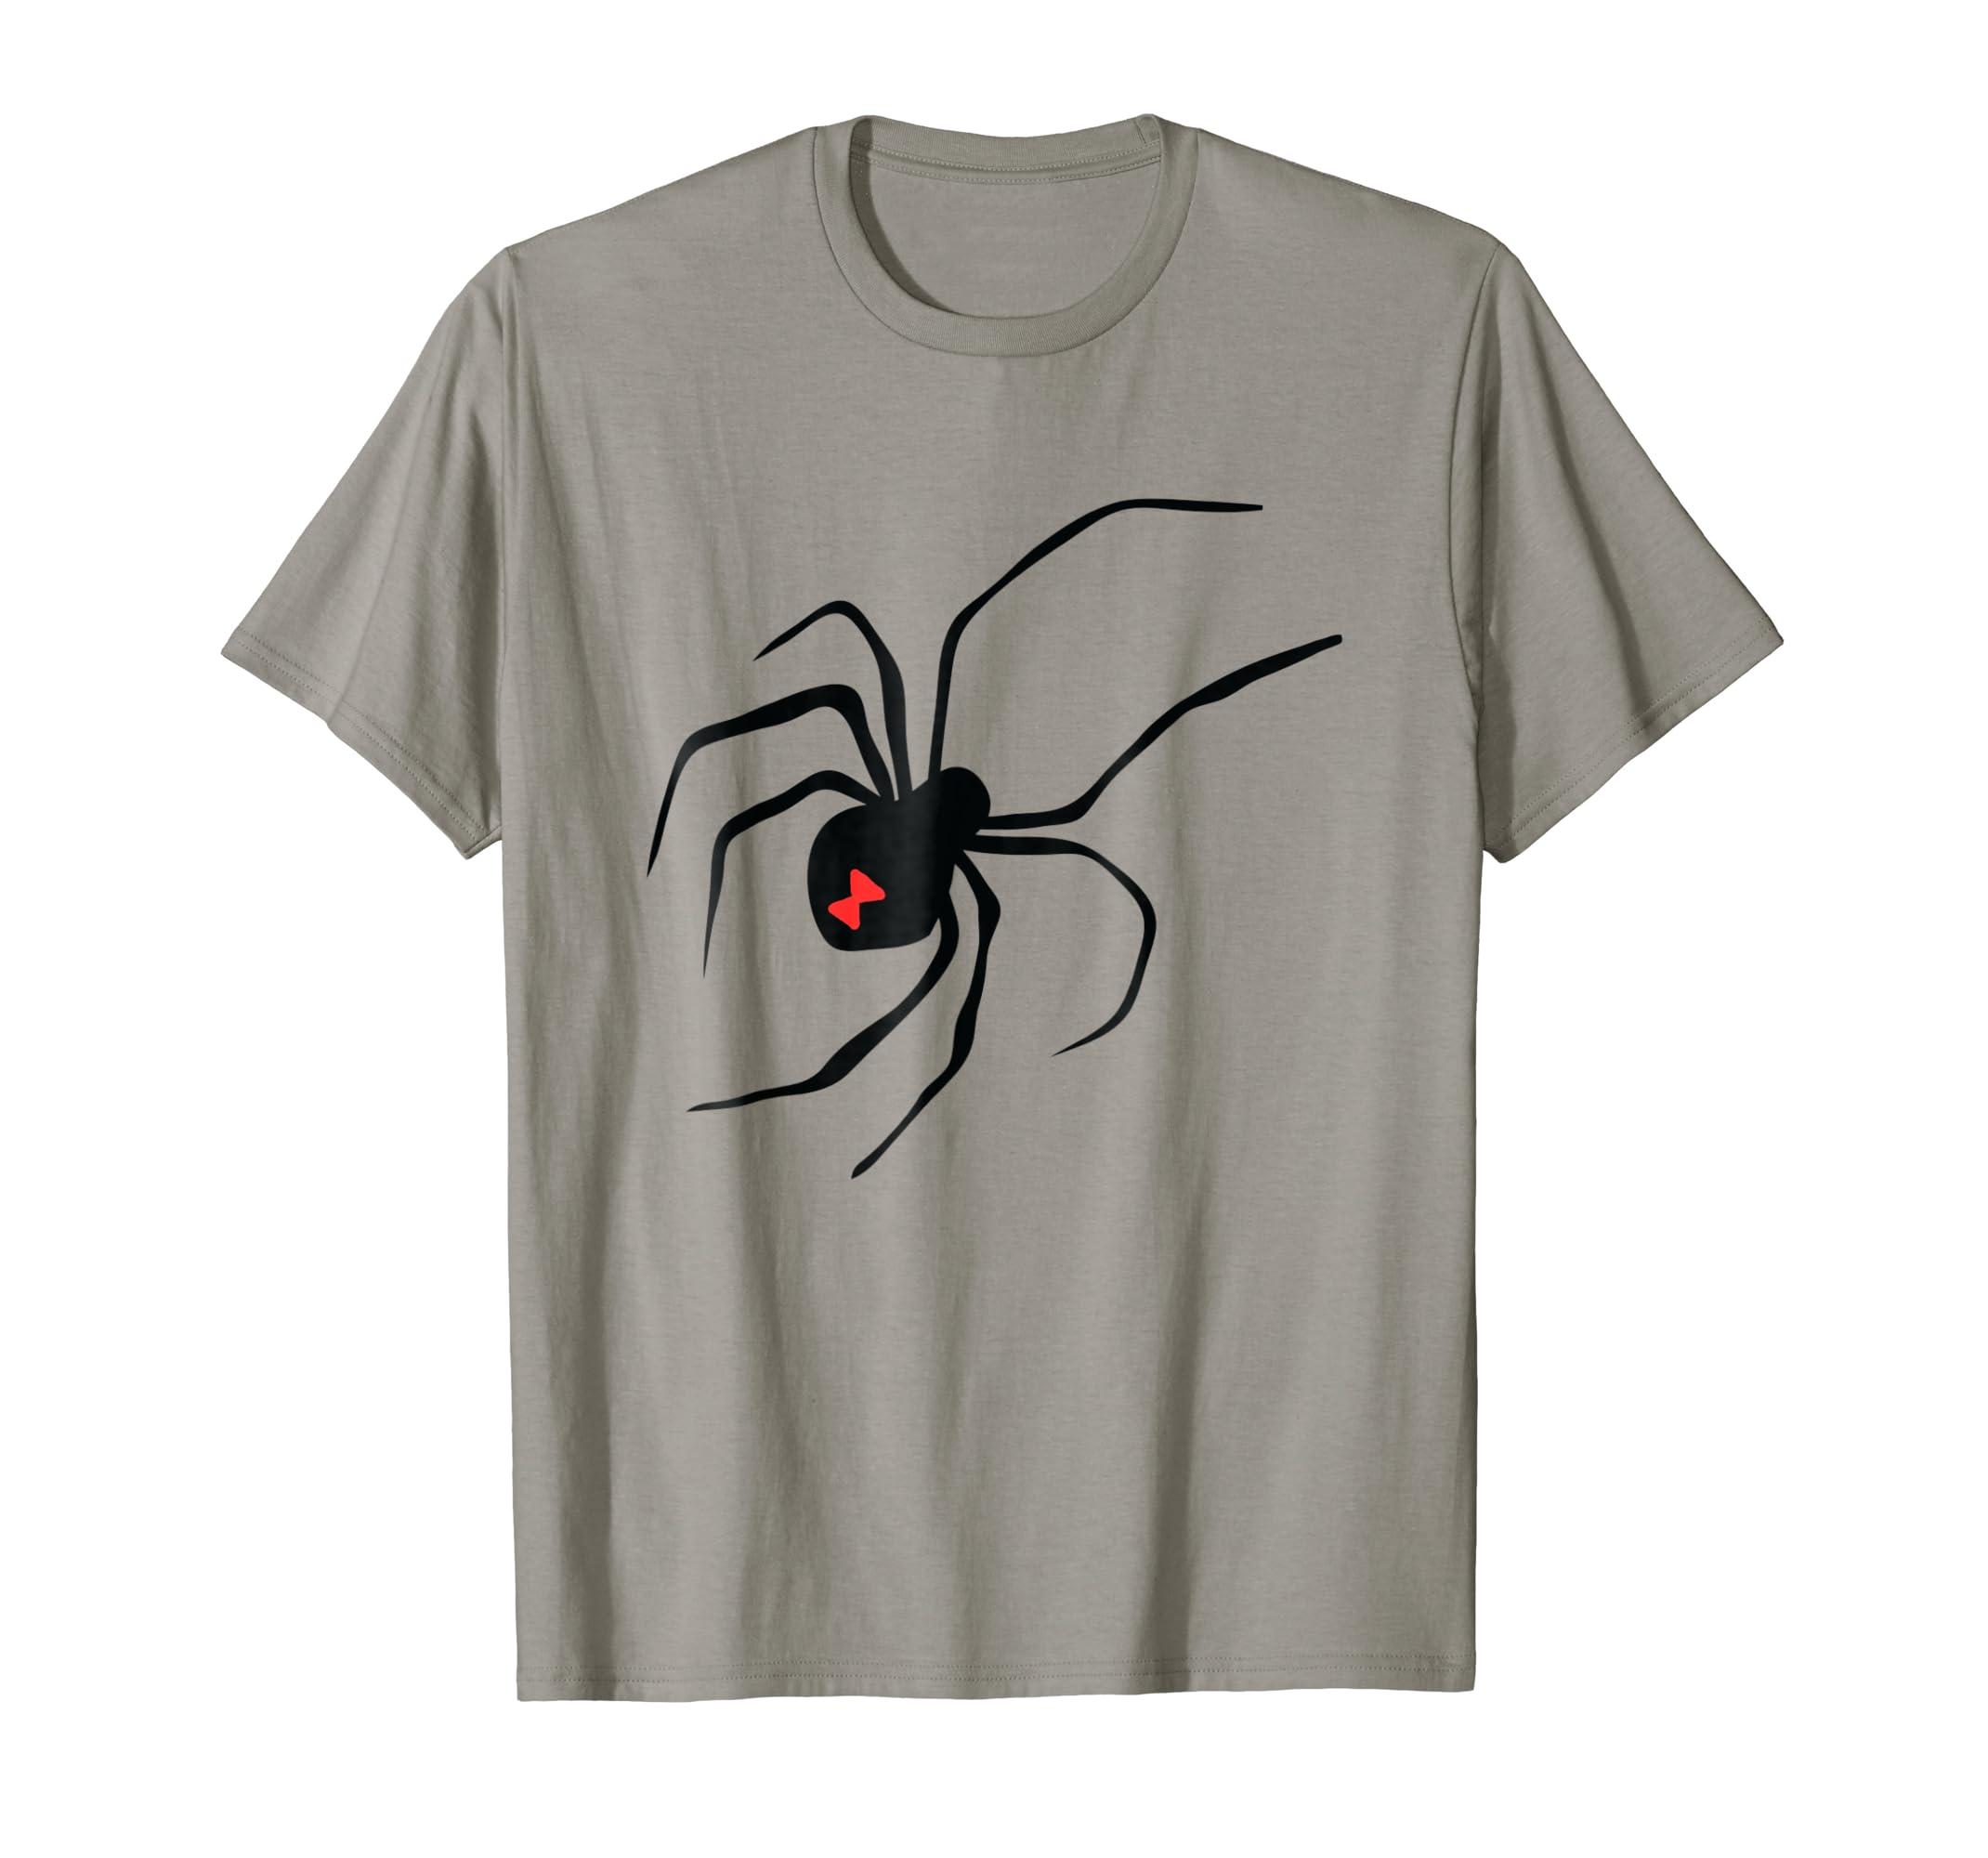 Black Widow Spider Spiderweb T-Shirt Halloween Costume-mt